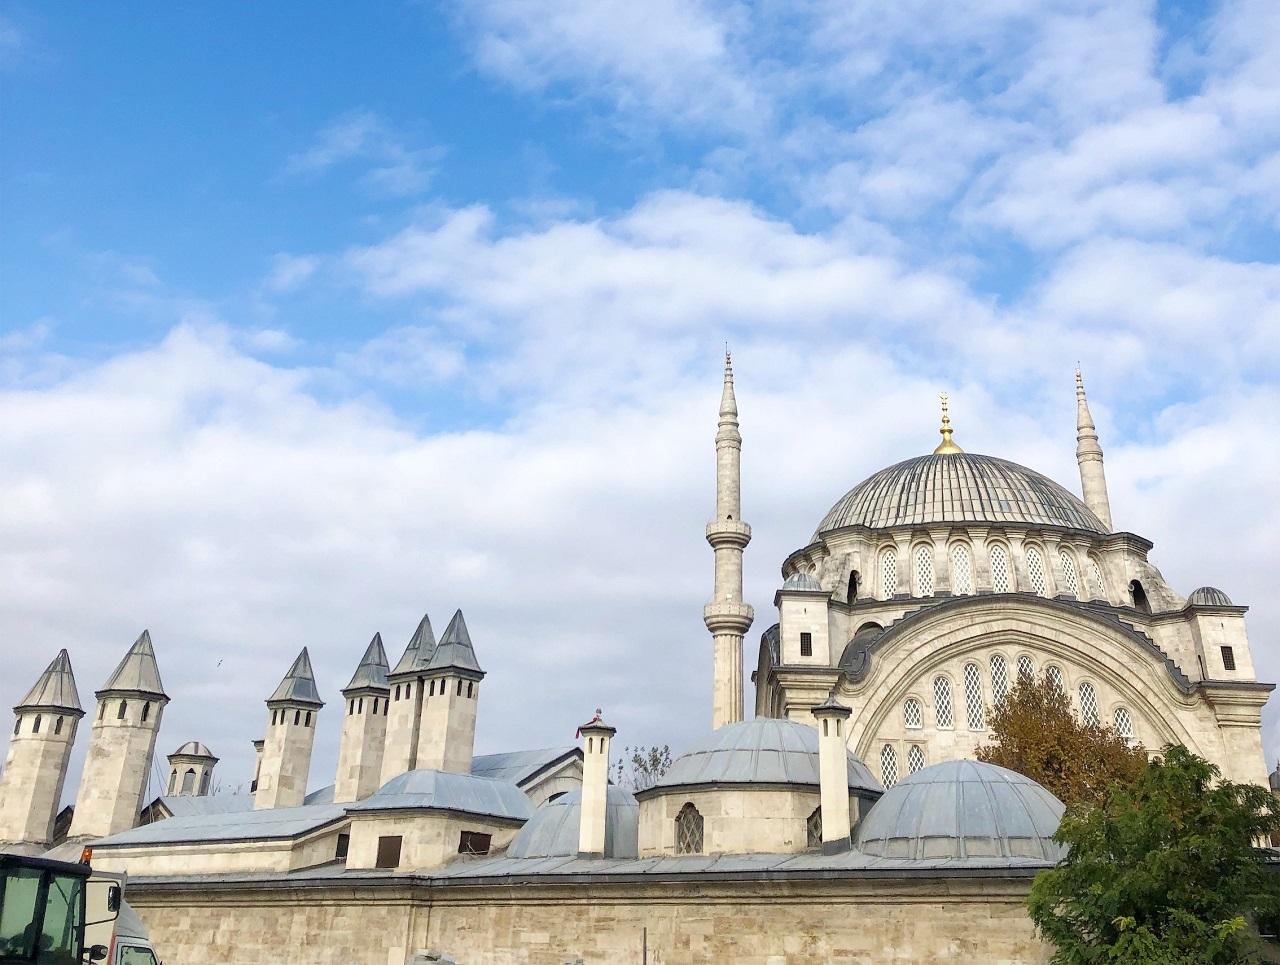 ヌルオスマニエ・モスク